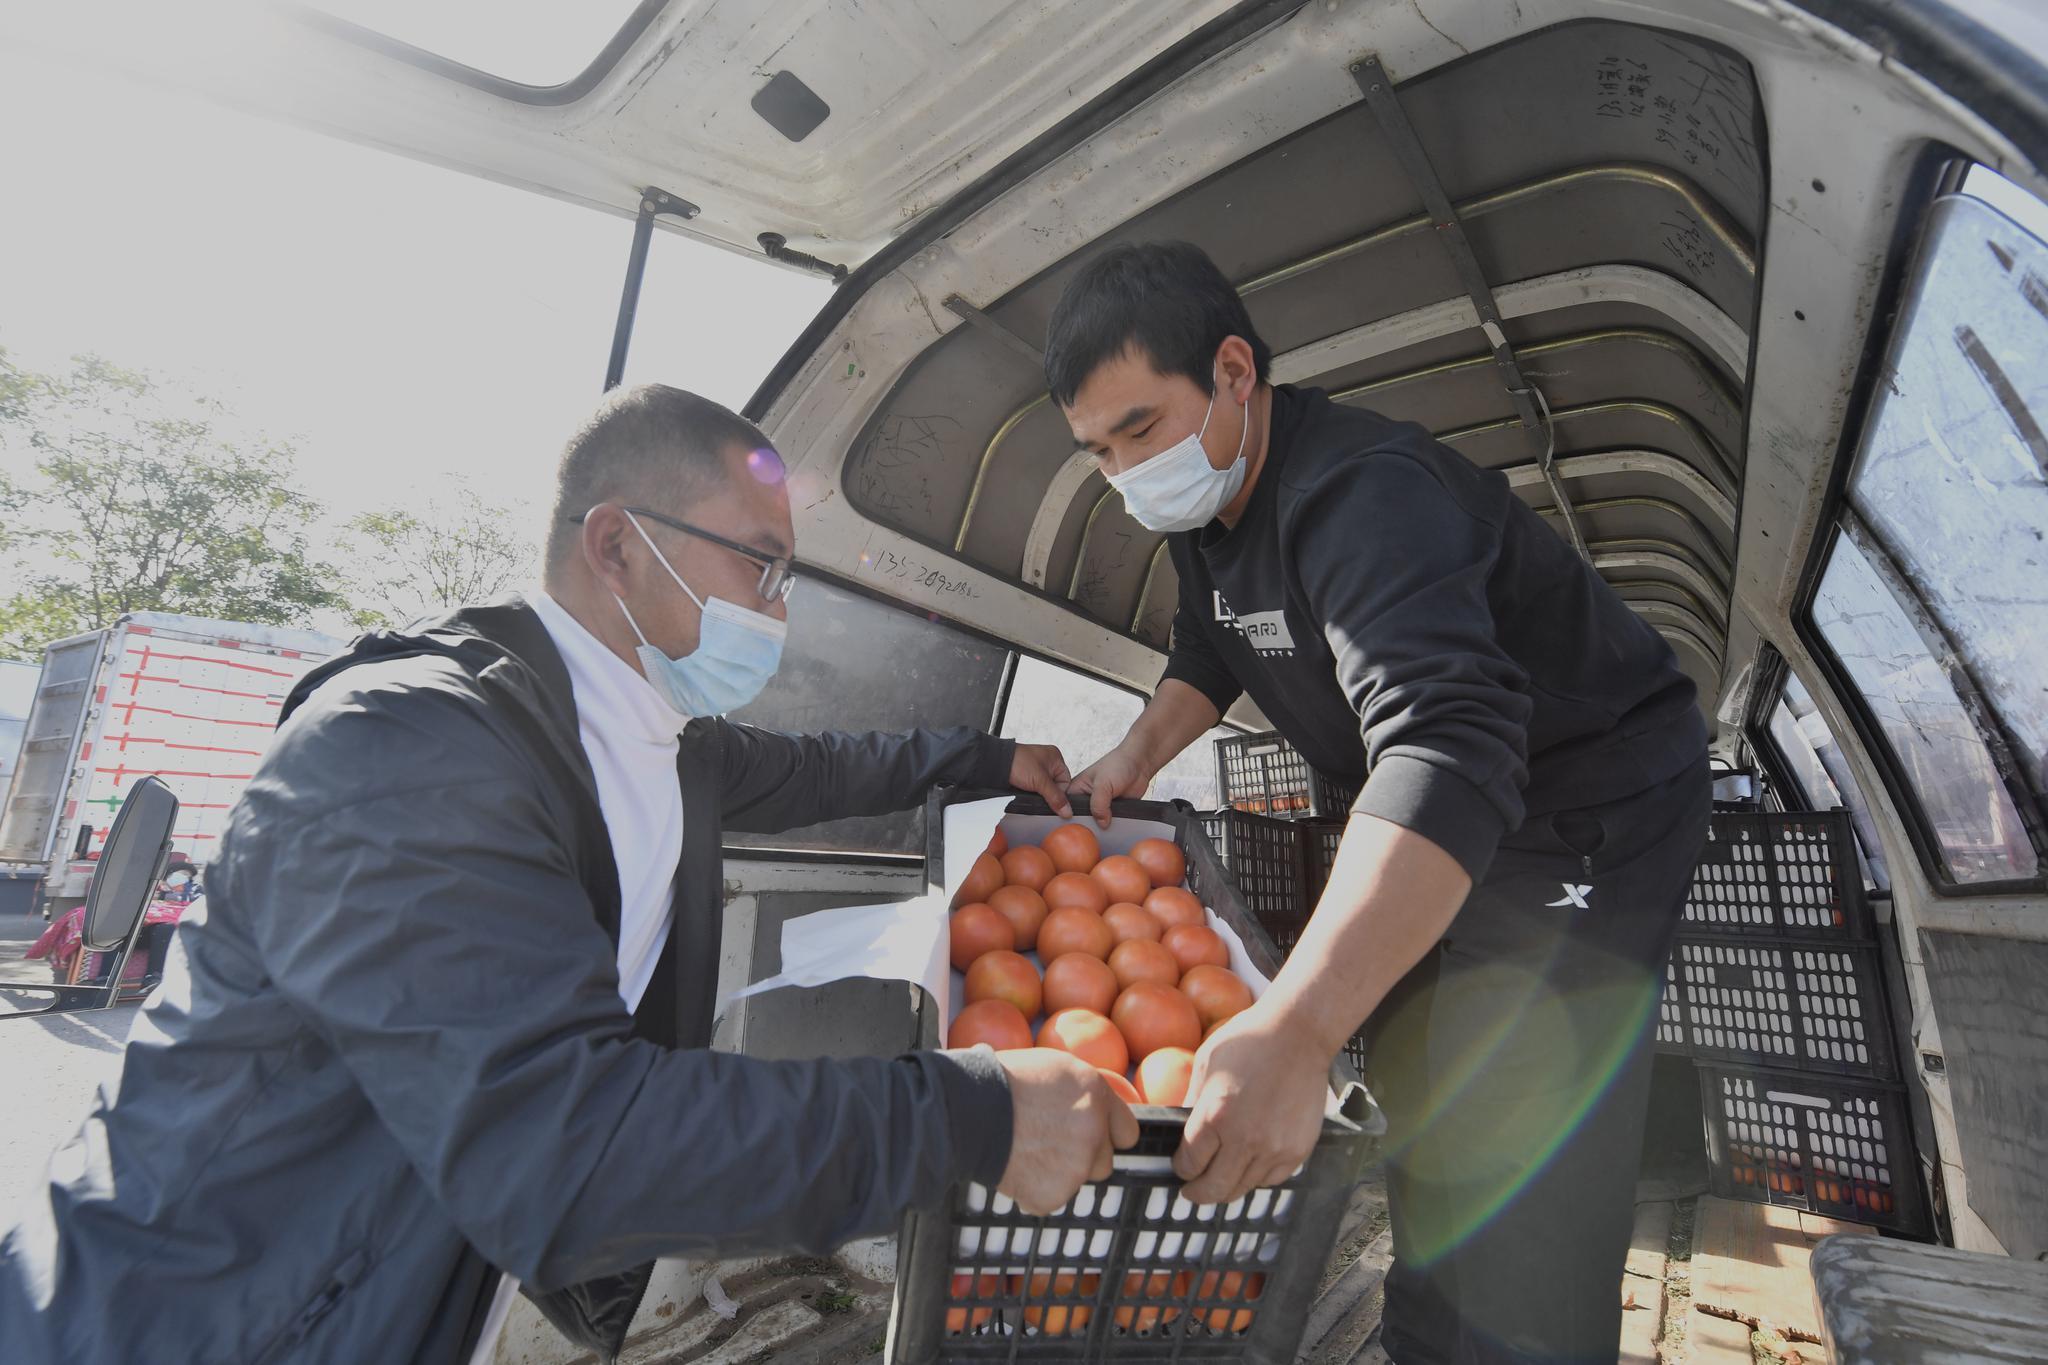 新发地市场蔬菜的日供应量已超过了1.5万吨,充足的供应保障了蔬菜价格的稳中有降。摄影/新京报记者吴宁